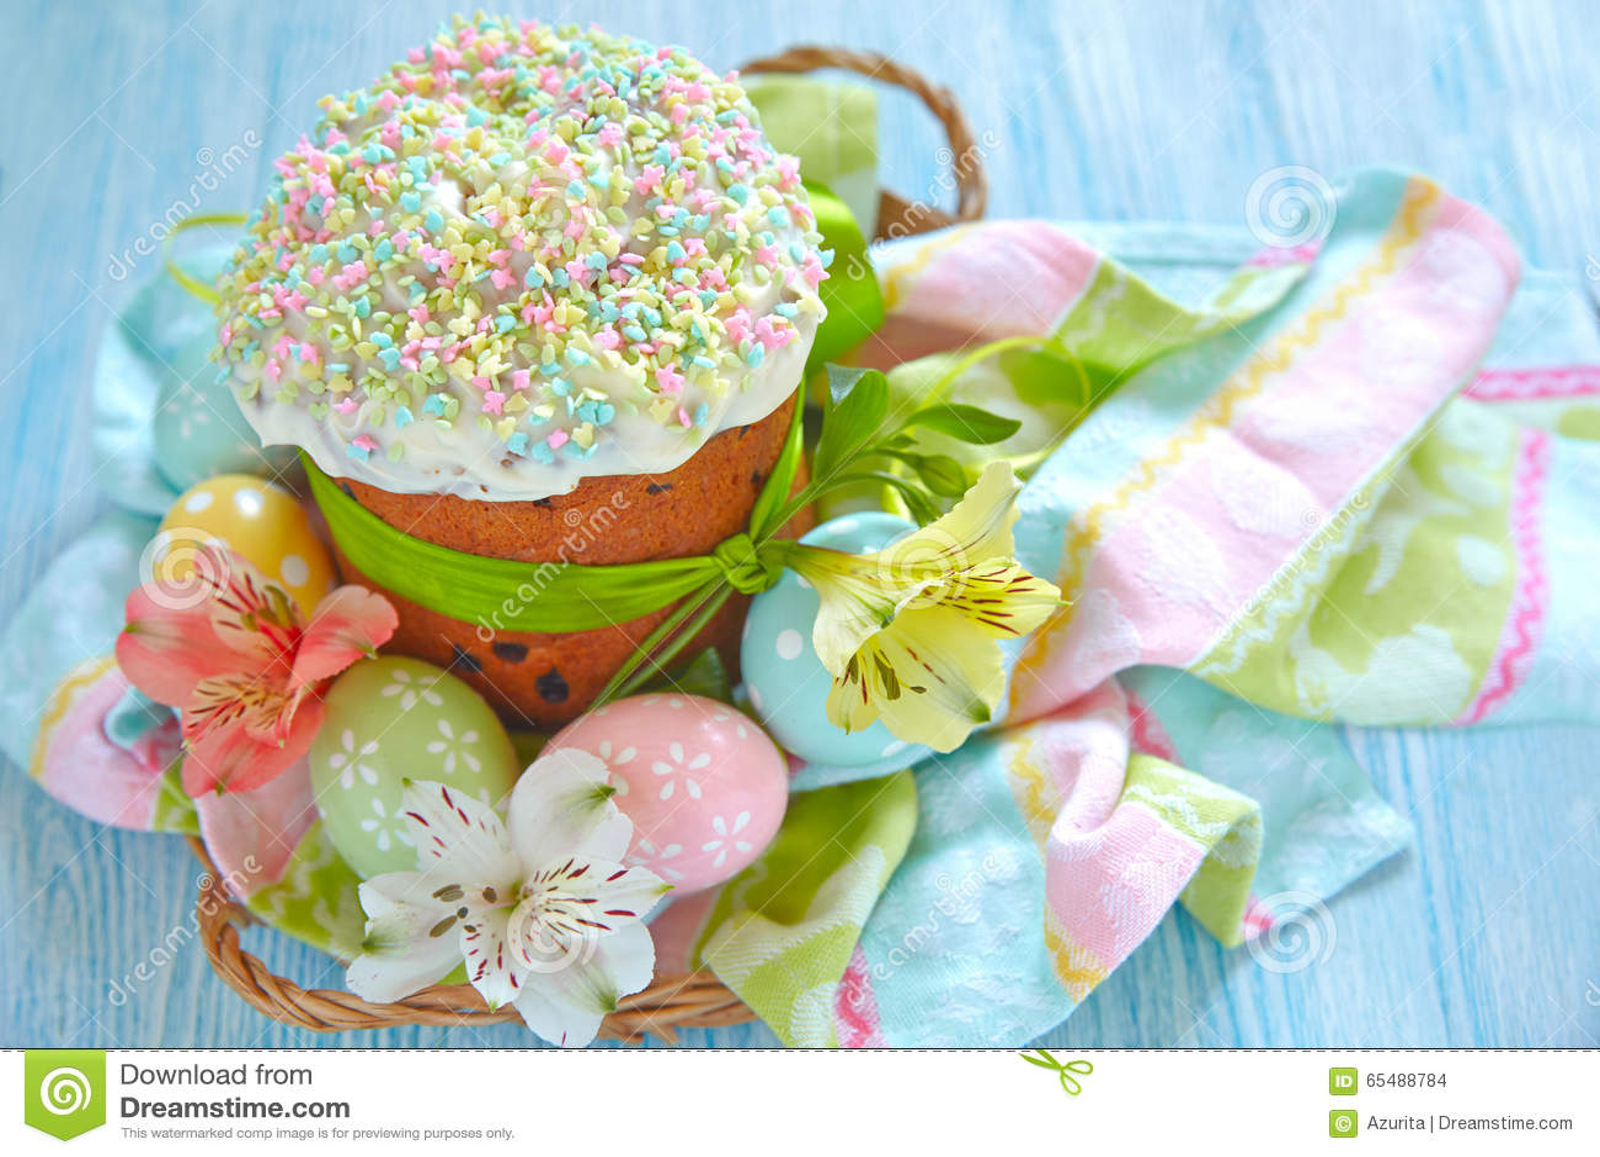 Gâteau et oeufs de Pâques